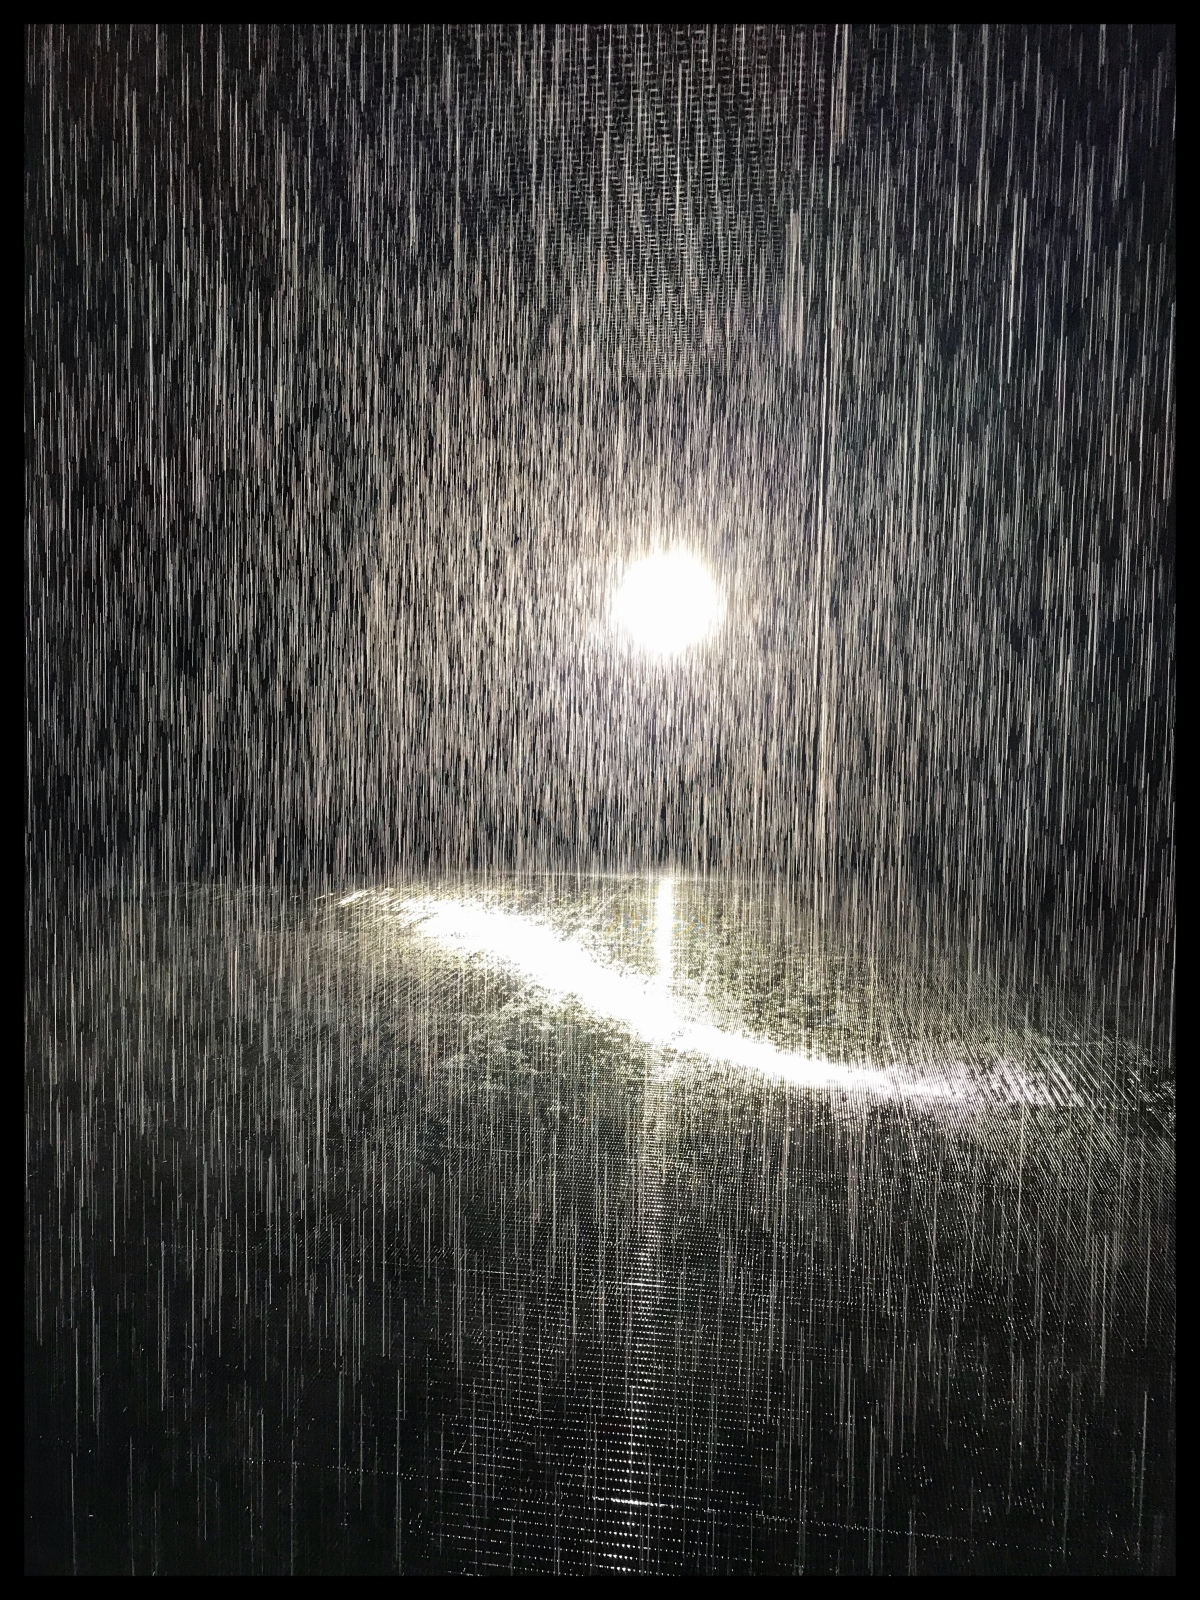 The Rain Room, Sharjah ArtFoundation